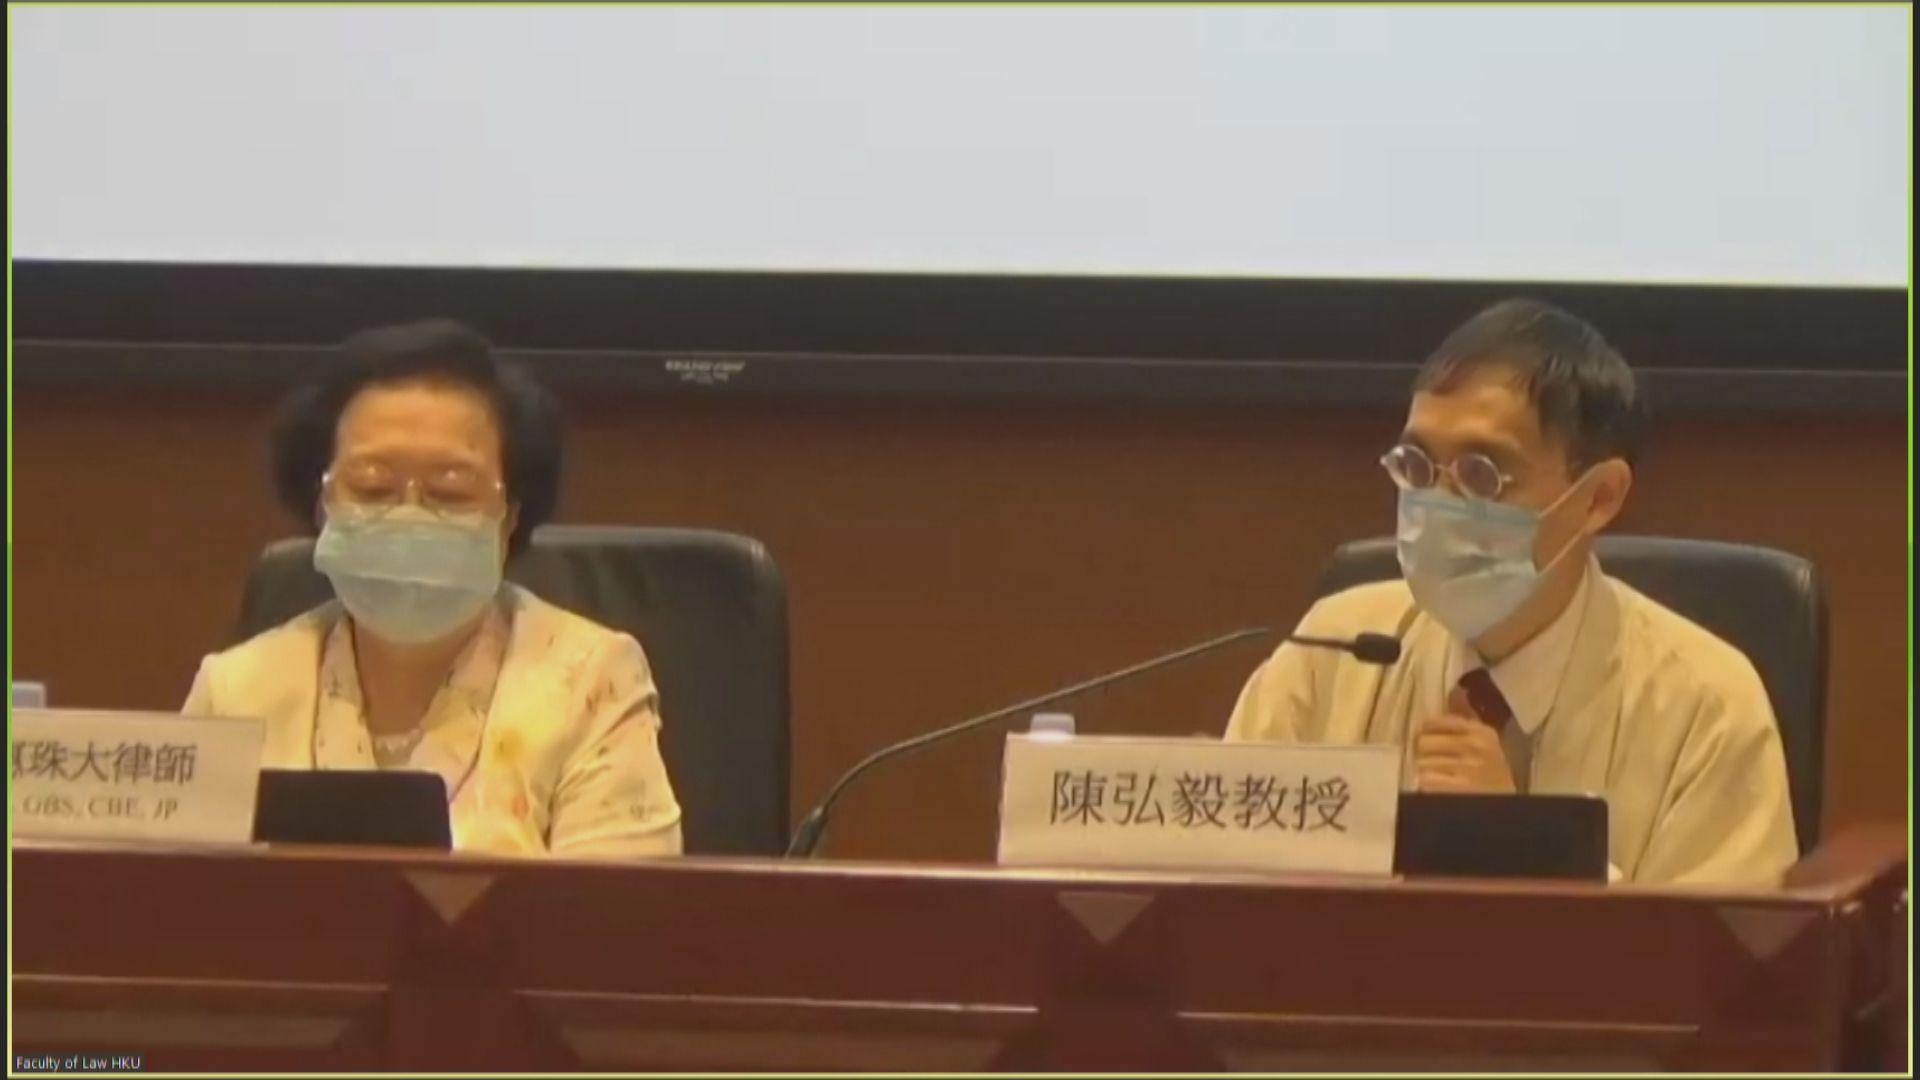 陳弘毅:法庭可指國安委越權